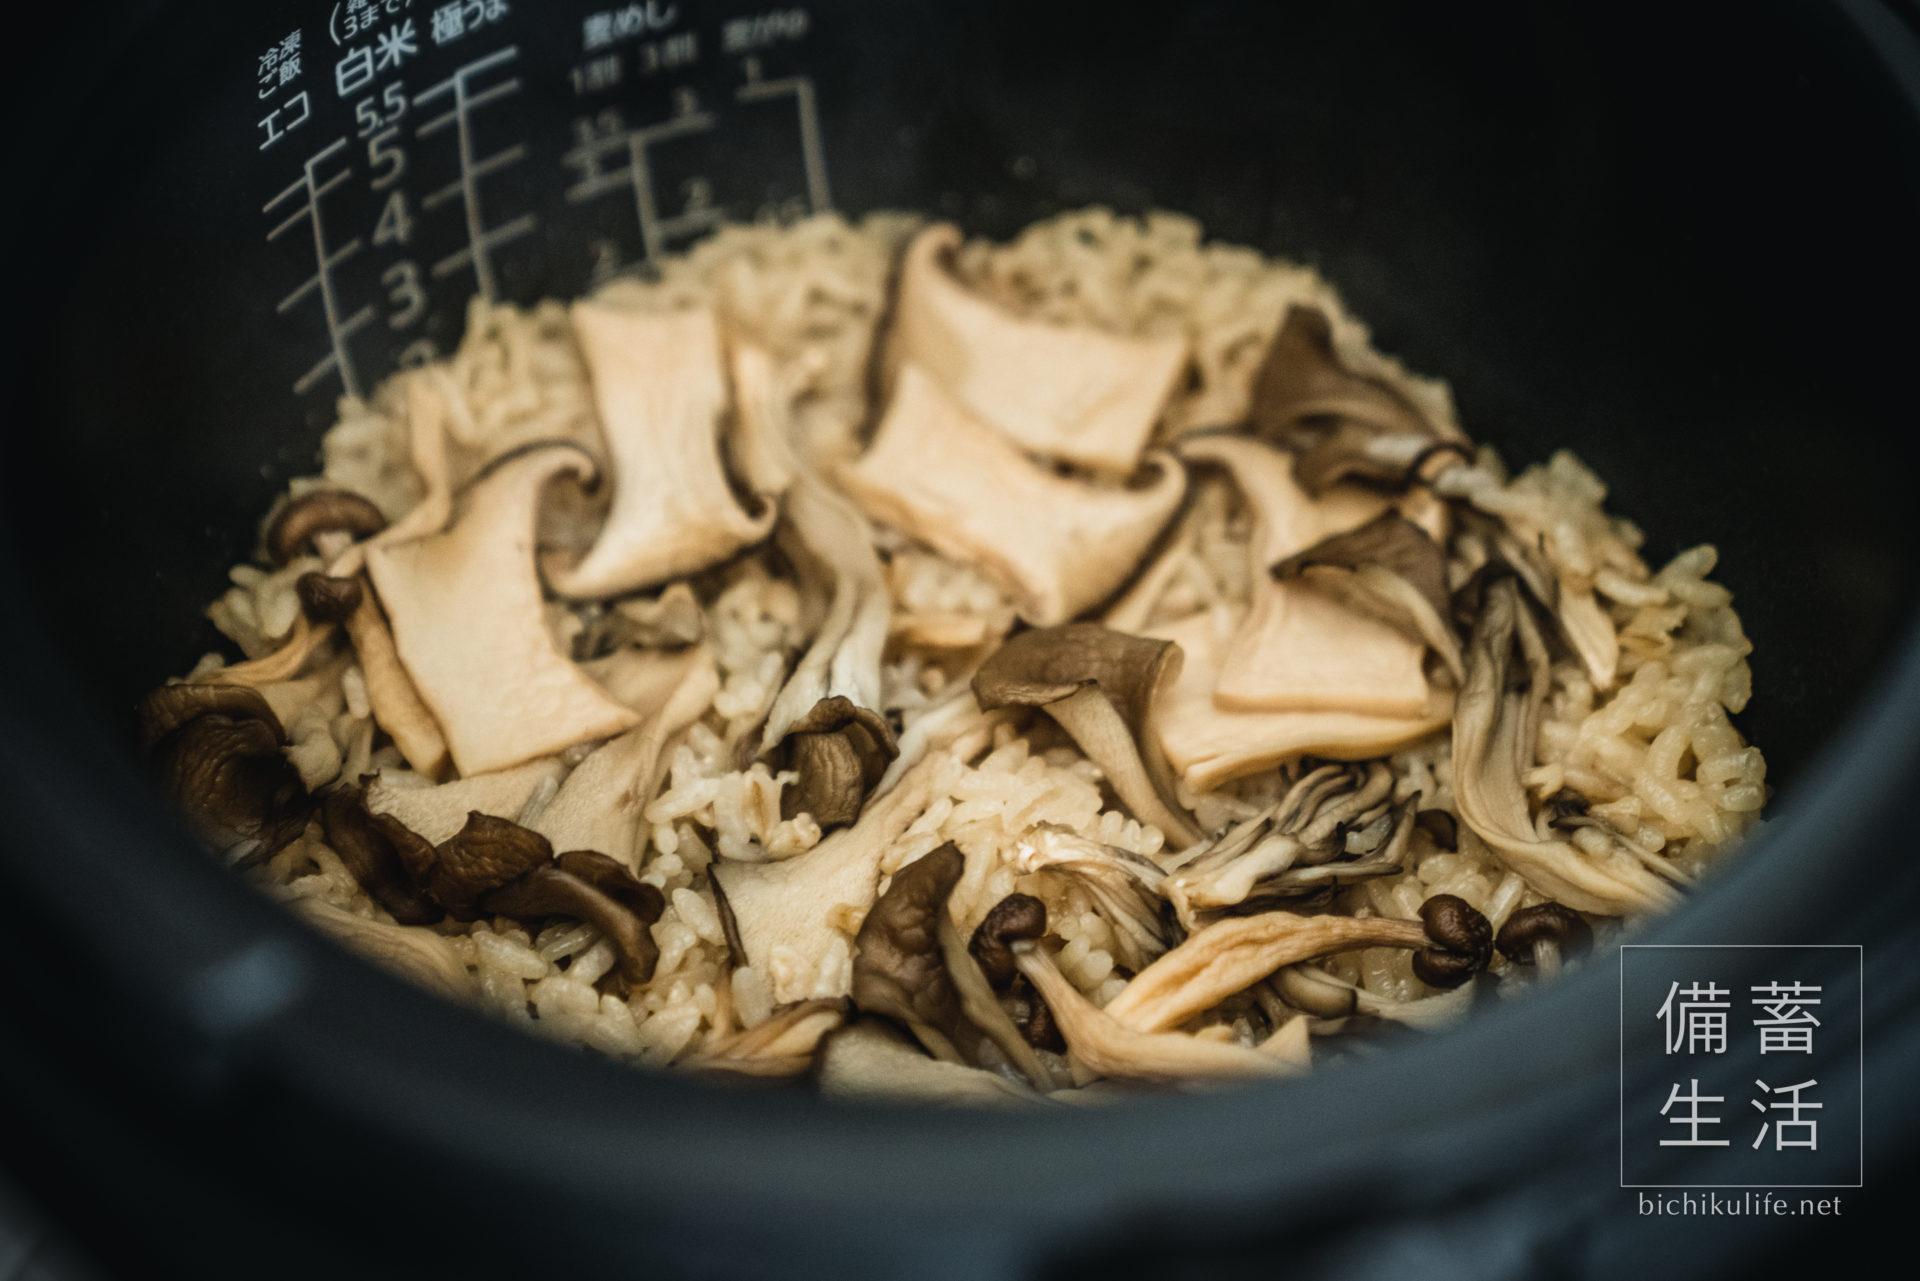 干し野菜づくり 干しエリンギ、干ししめじ、干し舞茸の炊き込みご飯